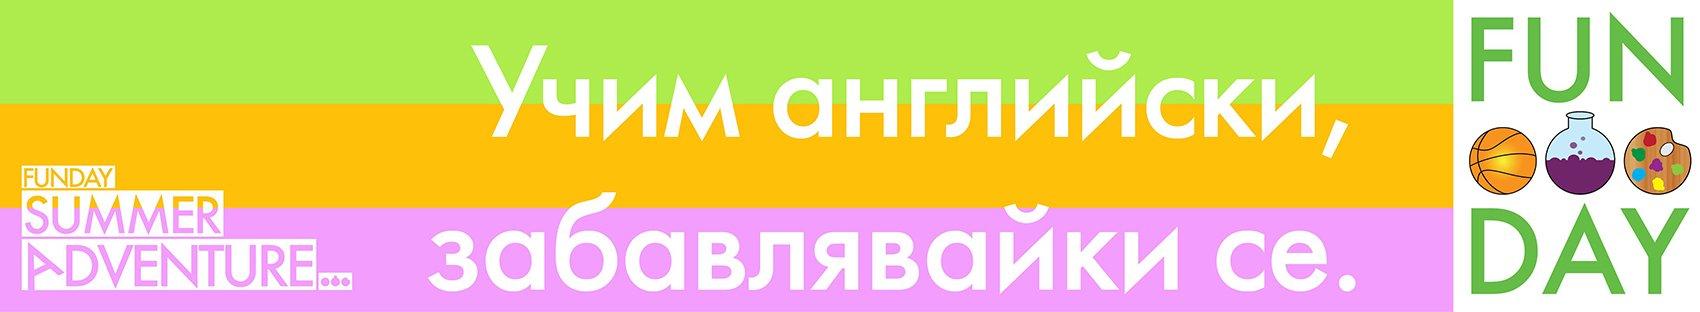 Банер за нас